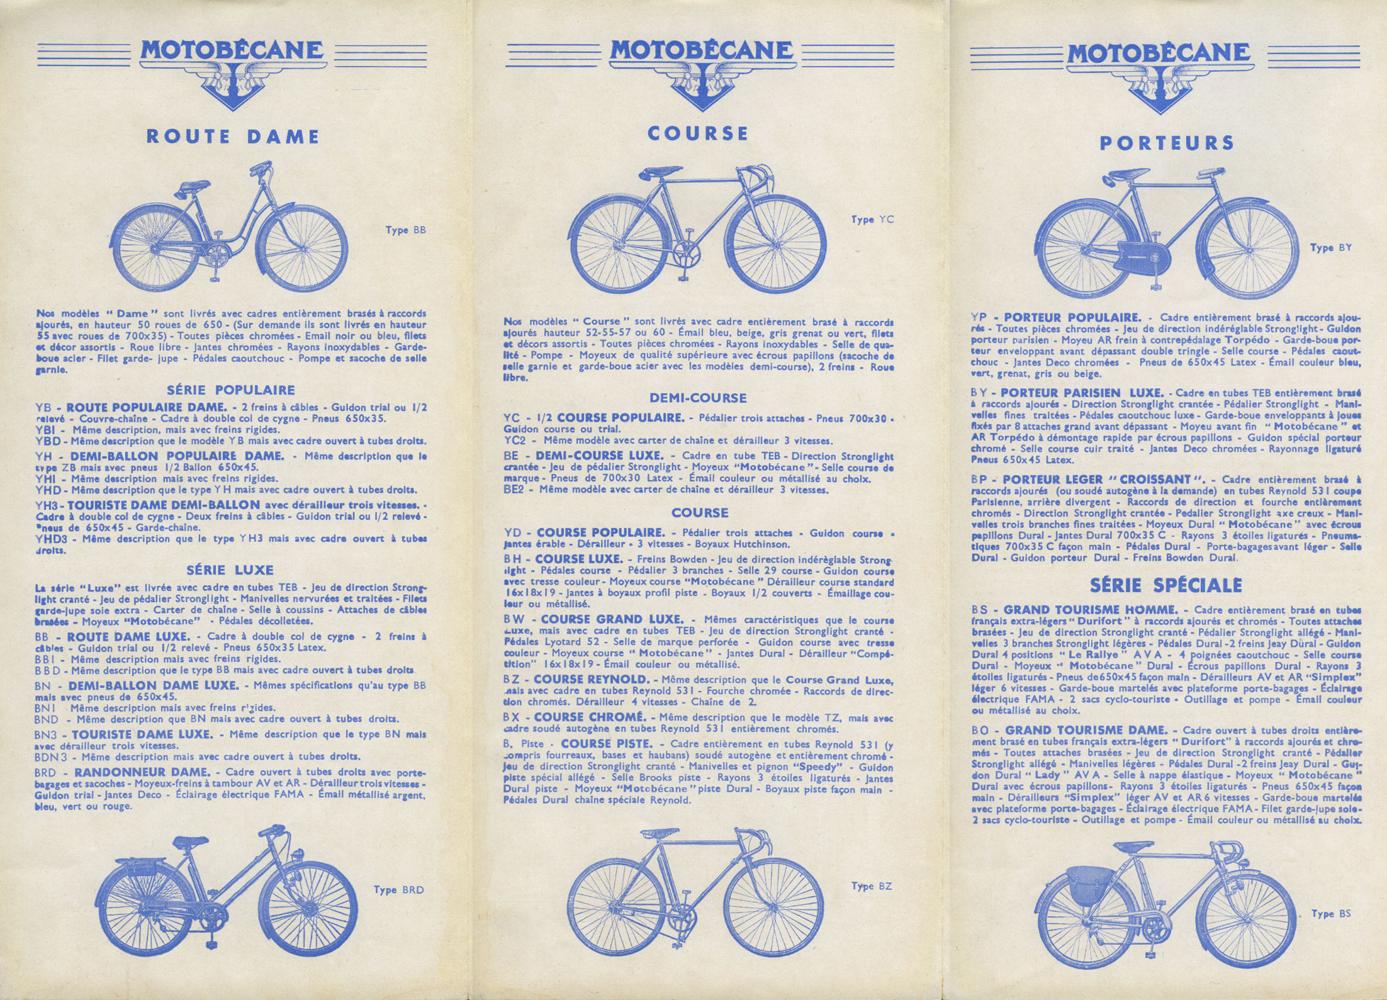 Motobécane col de cygne 1930-39 - Page 2 Cat-cycles-1939-002